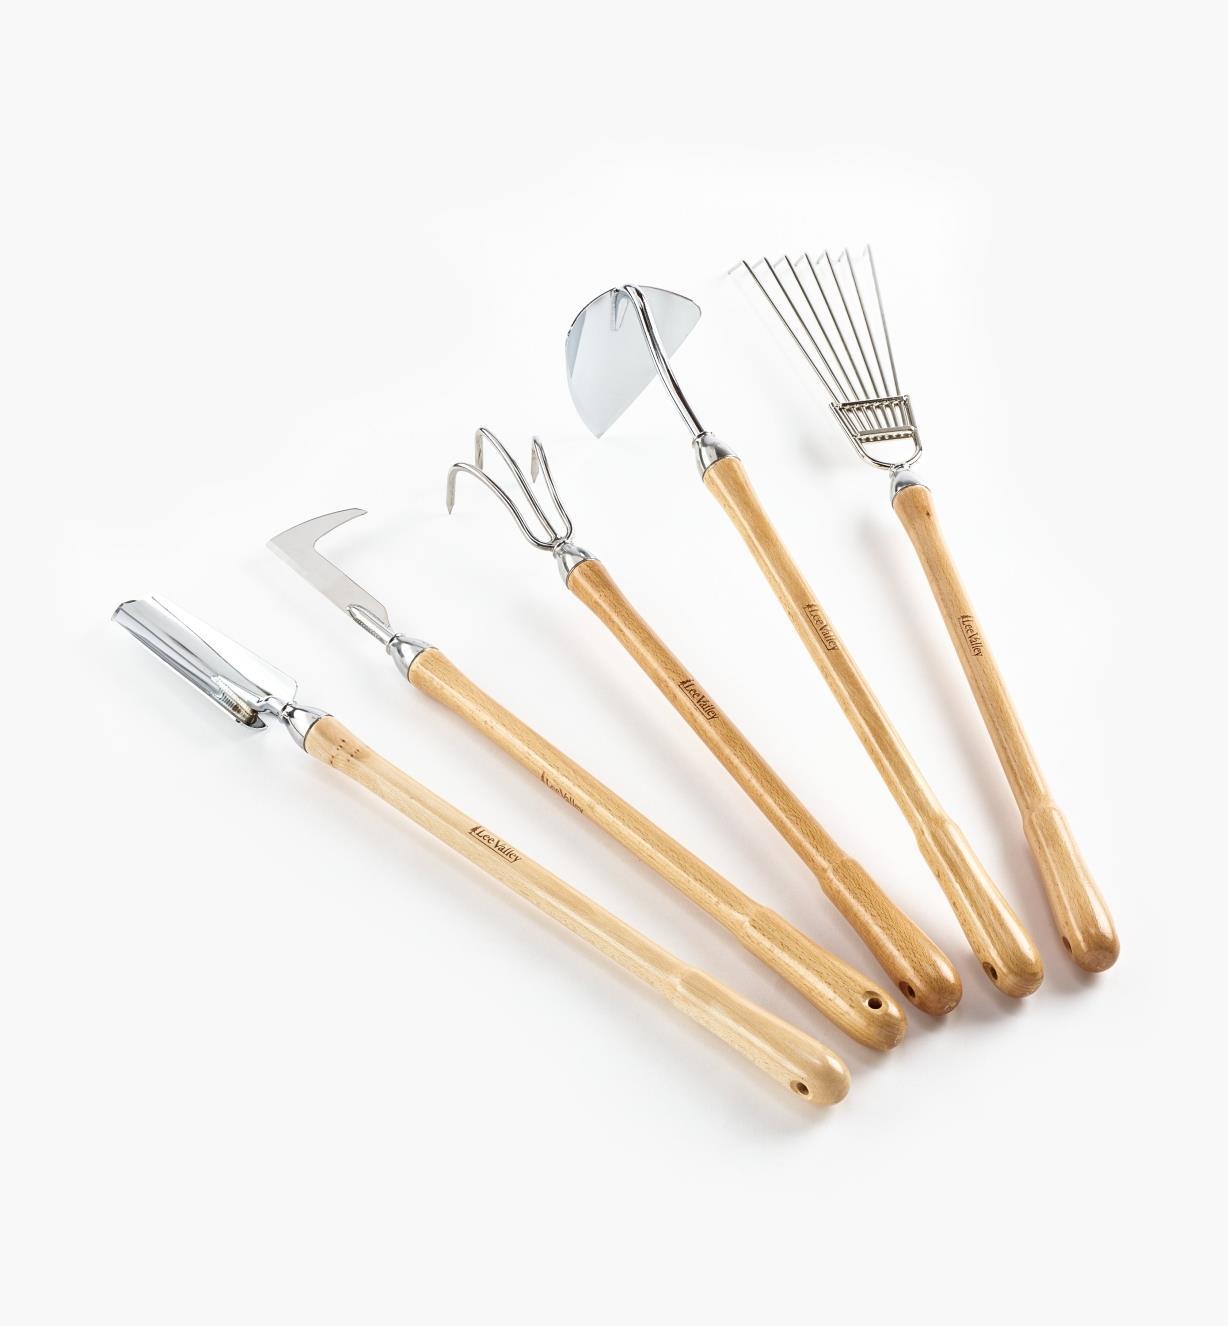 AB674 - Jeu complet de 5 outils de jardinage à manche mi-long Lee Valley